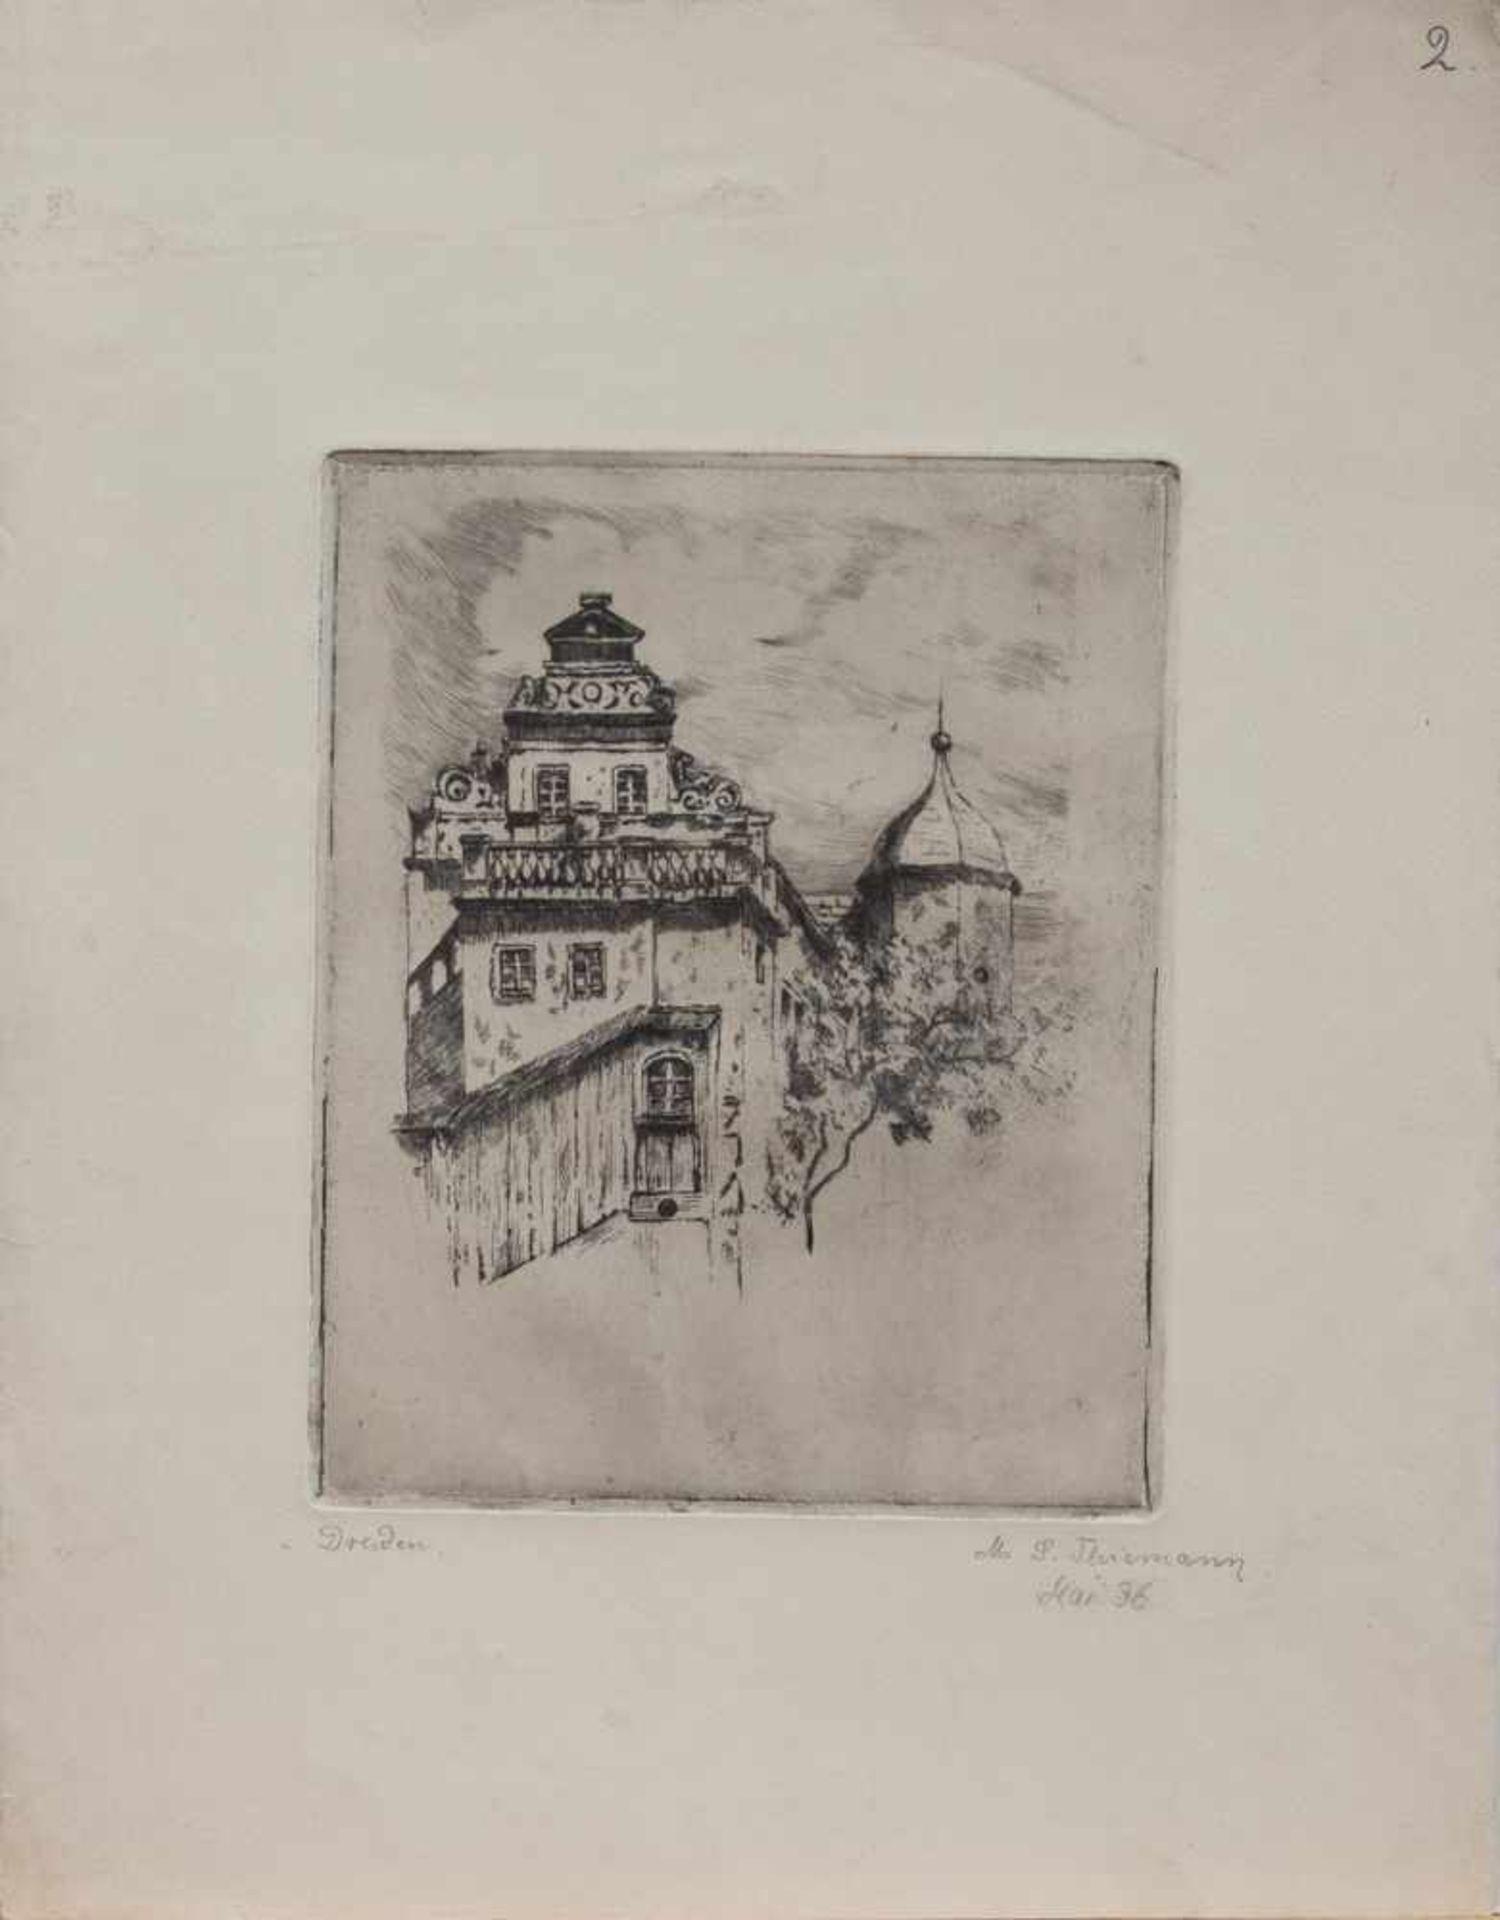 Los 56 - Margarete Johanna Thiemann (Dachau 1909 - 1950 ebenda, deutsche Malerin u. Zeichnerin, Std. a.d.